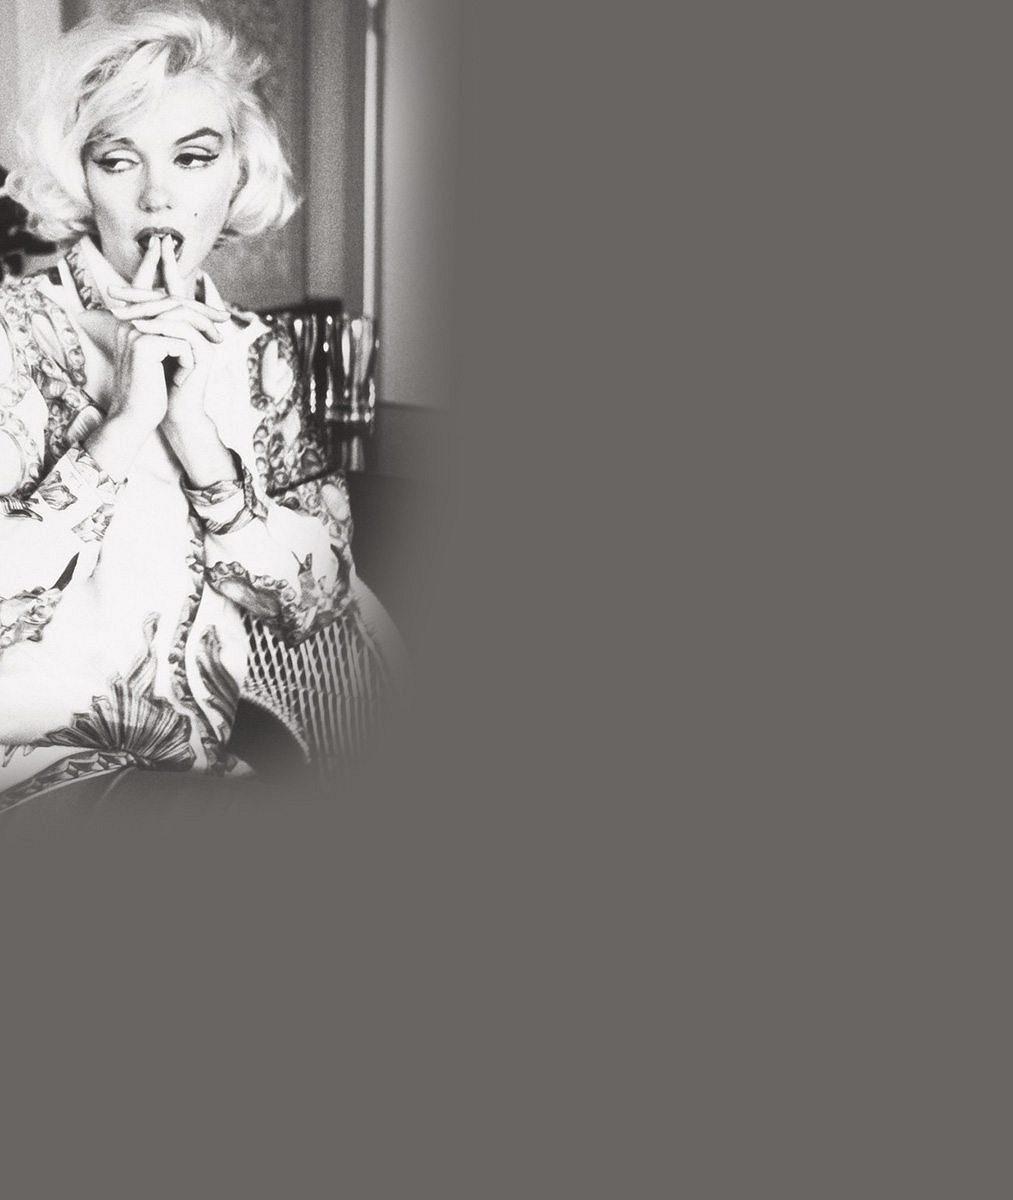 Polibek na rozloučenou? Poslední fotky Marilyn Monroe (†36) vznikly jen pár týdnů před její smrtí